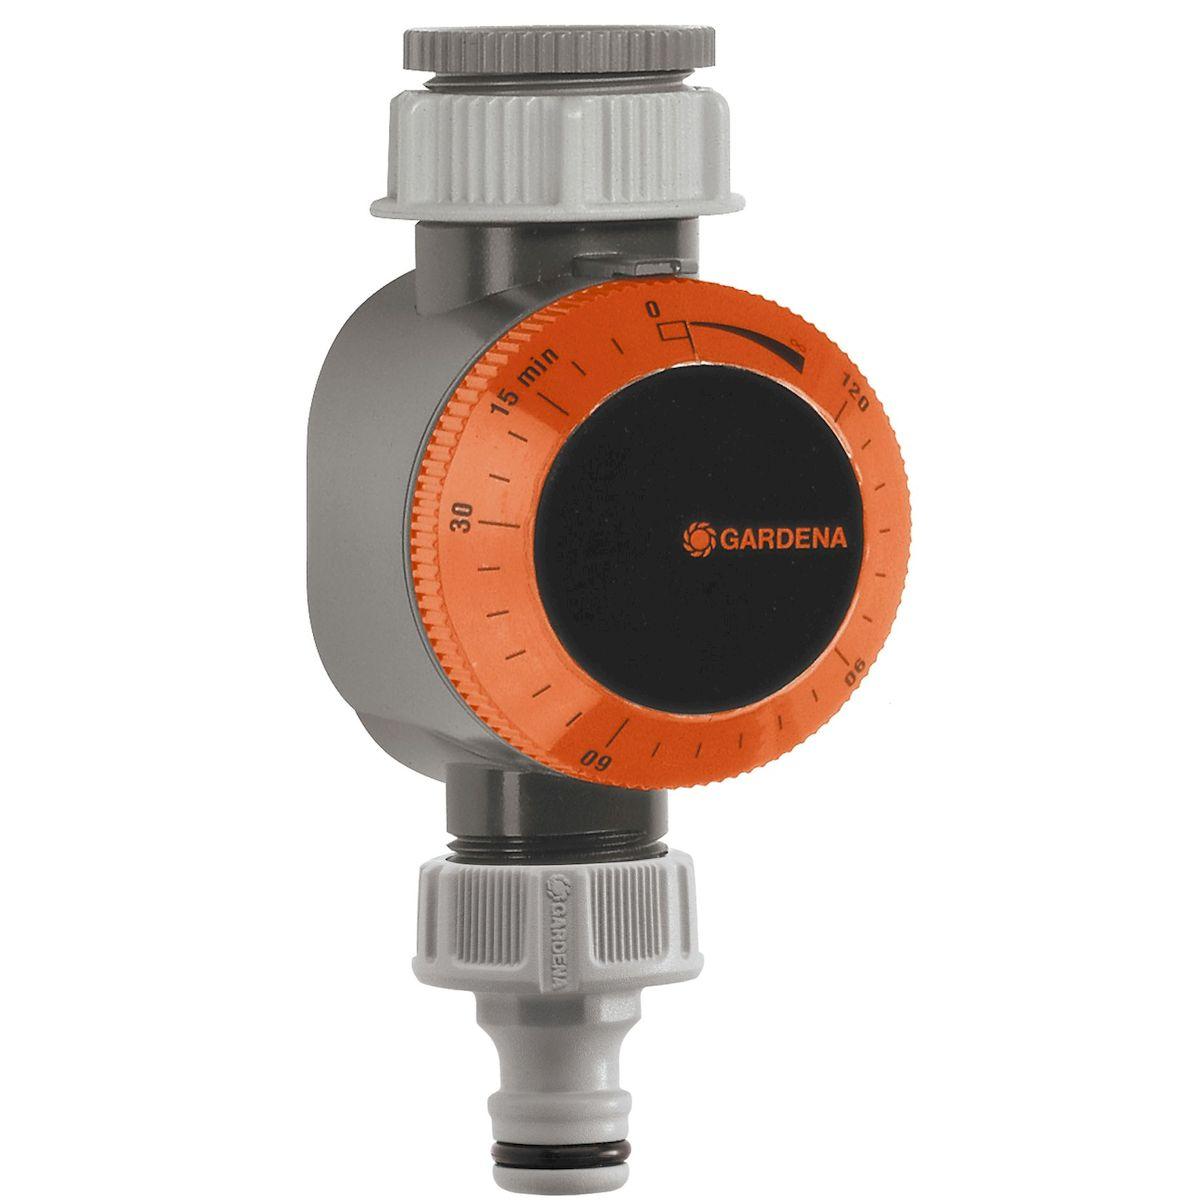 Таймер подачи воды Gardena01169-29.000.00Таймер подачи воды Gardena крепится к водопроводному крану и используется для автоматического выключения используемой вами системы полива, например, дождевателей или Системы Микрокапельного полива. По окончании программирования таймер сразу включает поливочное устройство и выключает его в заданное время. Предусмотрена возможность установки режима постоянного расхода воды. Для работы таймера батарейки не требуются. Продолжительность полива 5-120 мин;Электропитание - механическое; Рабочее давление - 0.5 - 12 бар; Соединительная резьба для водопроводного крана 26,5 мм (G 3/4), 33,3 мм (G 1).